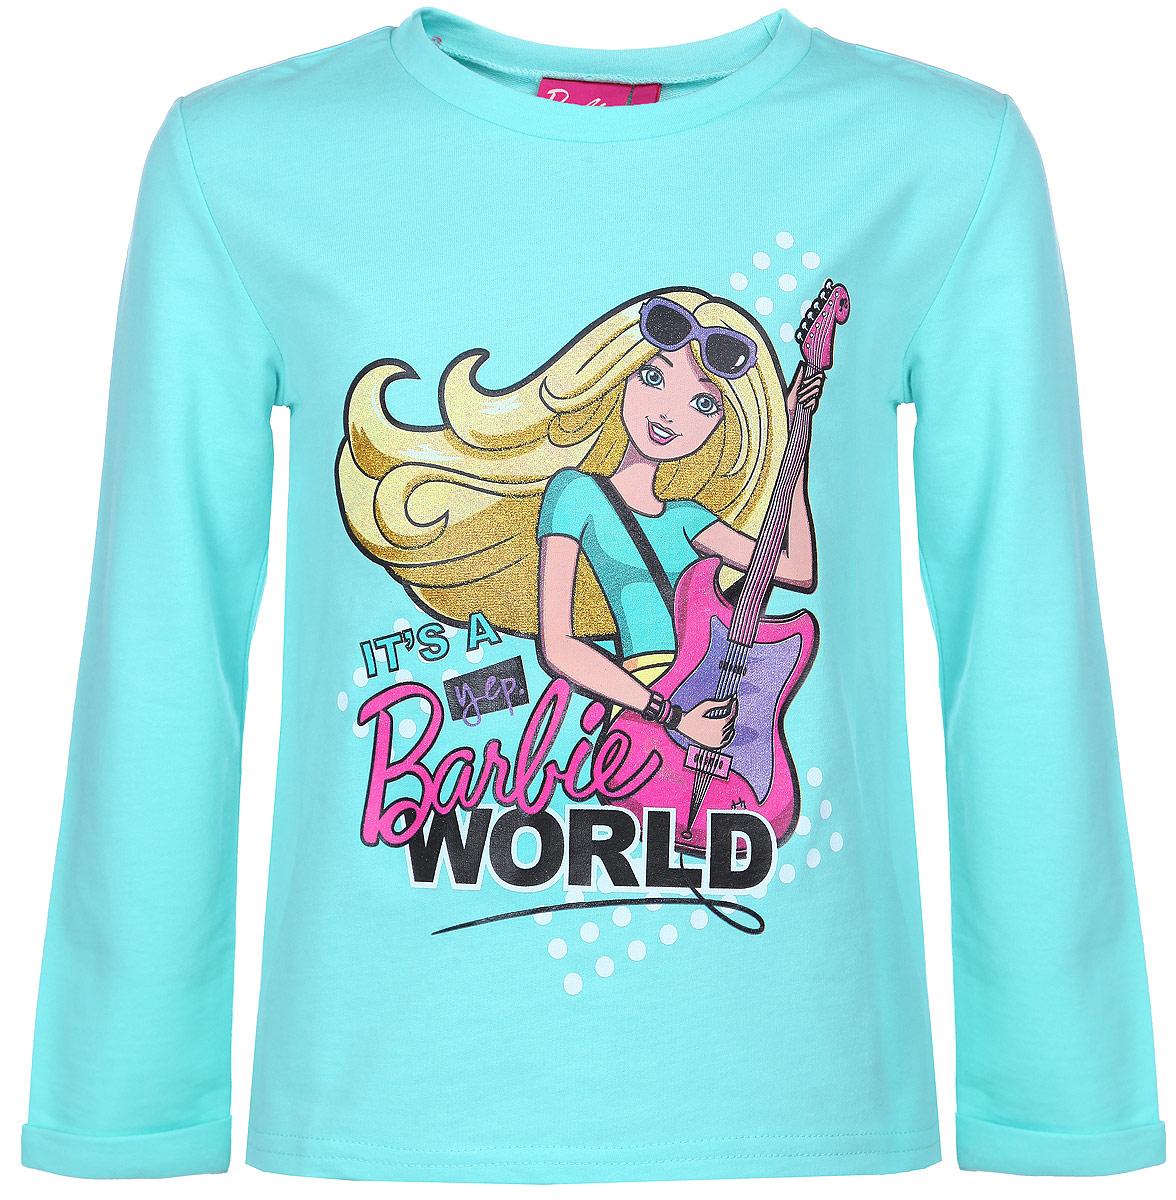 ЛонгсливZG 09251-G1Футболка с длинным рукавом для девочки Free Age Barbie станет отличным дополнением к гардеробу маленькой модницы. Изготовленная из натурального хлопка, она мягкая и приятная на ощупь, не сковывает движения и позволяет коже дышать, обеспечивая наибольший комфорт. Лицевая сторона изделия гладкая, а изнаночная - с небольшими петельками. Футболка с длинными рукавами и круглым вырезом горловины оформлена термоаппликацией с изображением куклы Барби, а также надписями. Края рукавов дополнены декоративными отворотами. Спинка модели удлинена. Изделие декорировано блестящим напылением. Стильный и яркий дизайн делает эту футболку модным предметом детской одежды. В ней ваша принцесса всегда будет в центре внимания.